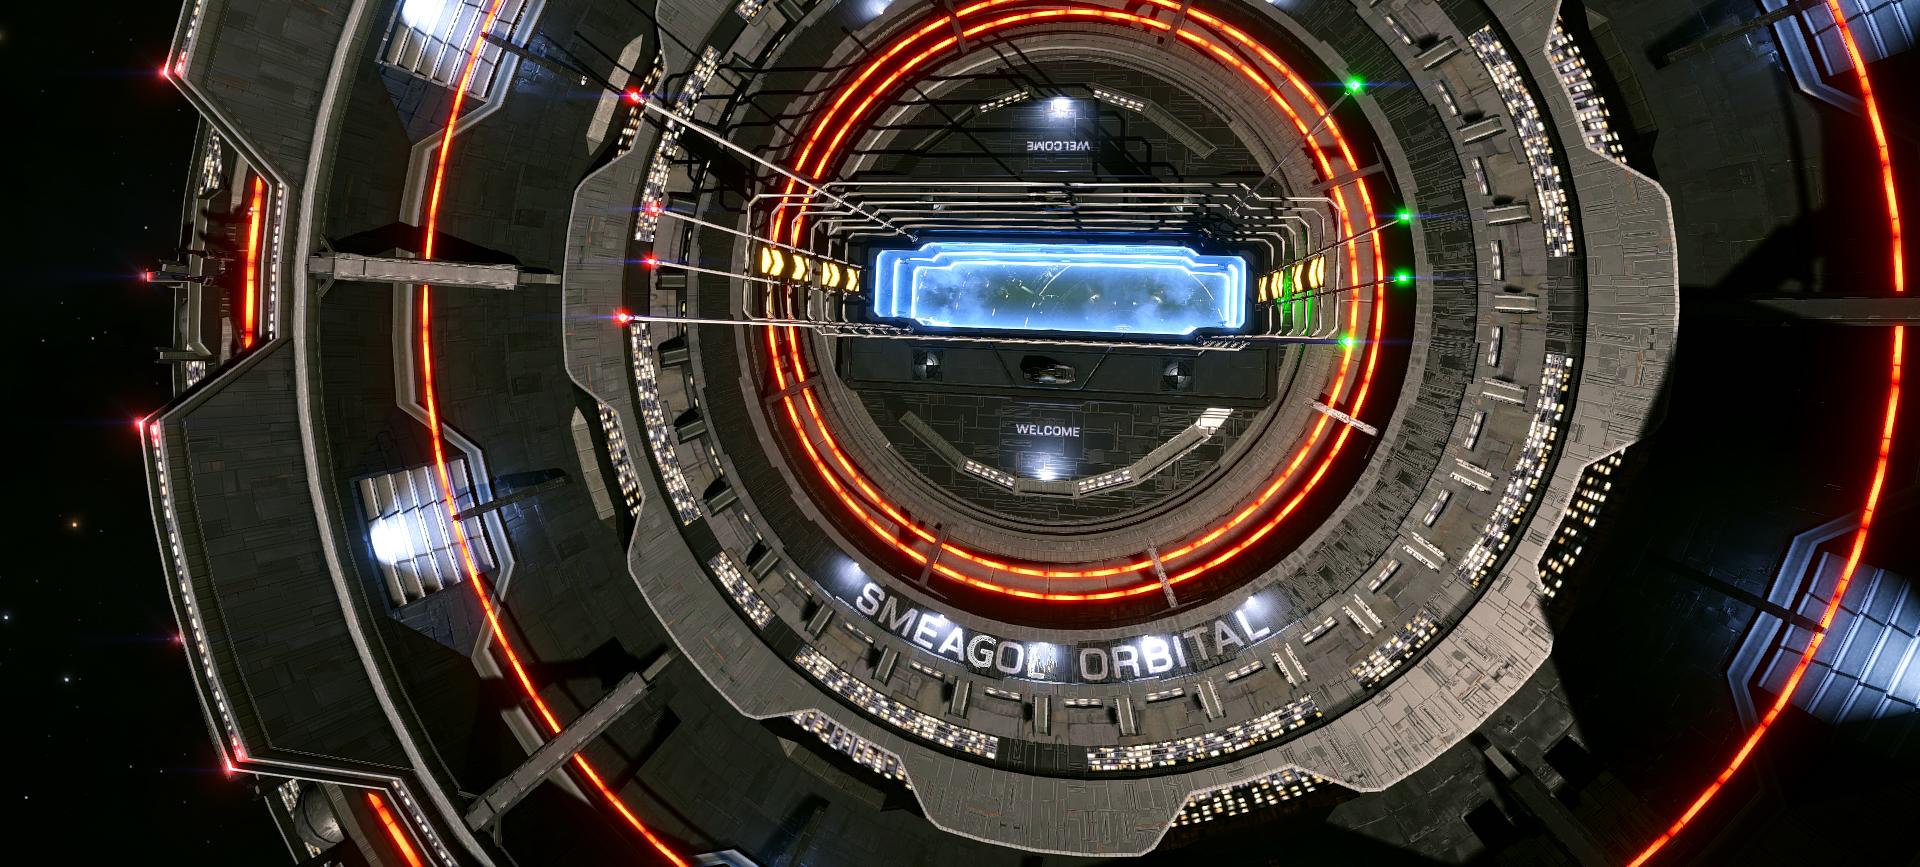 SMEAGOL Orbital